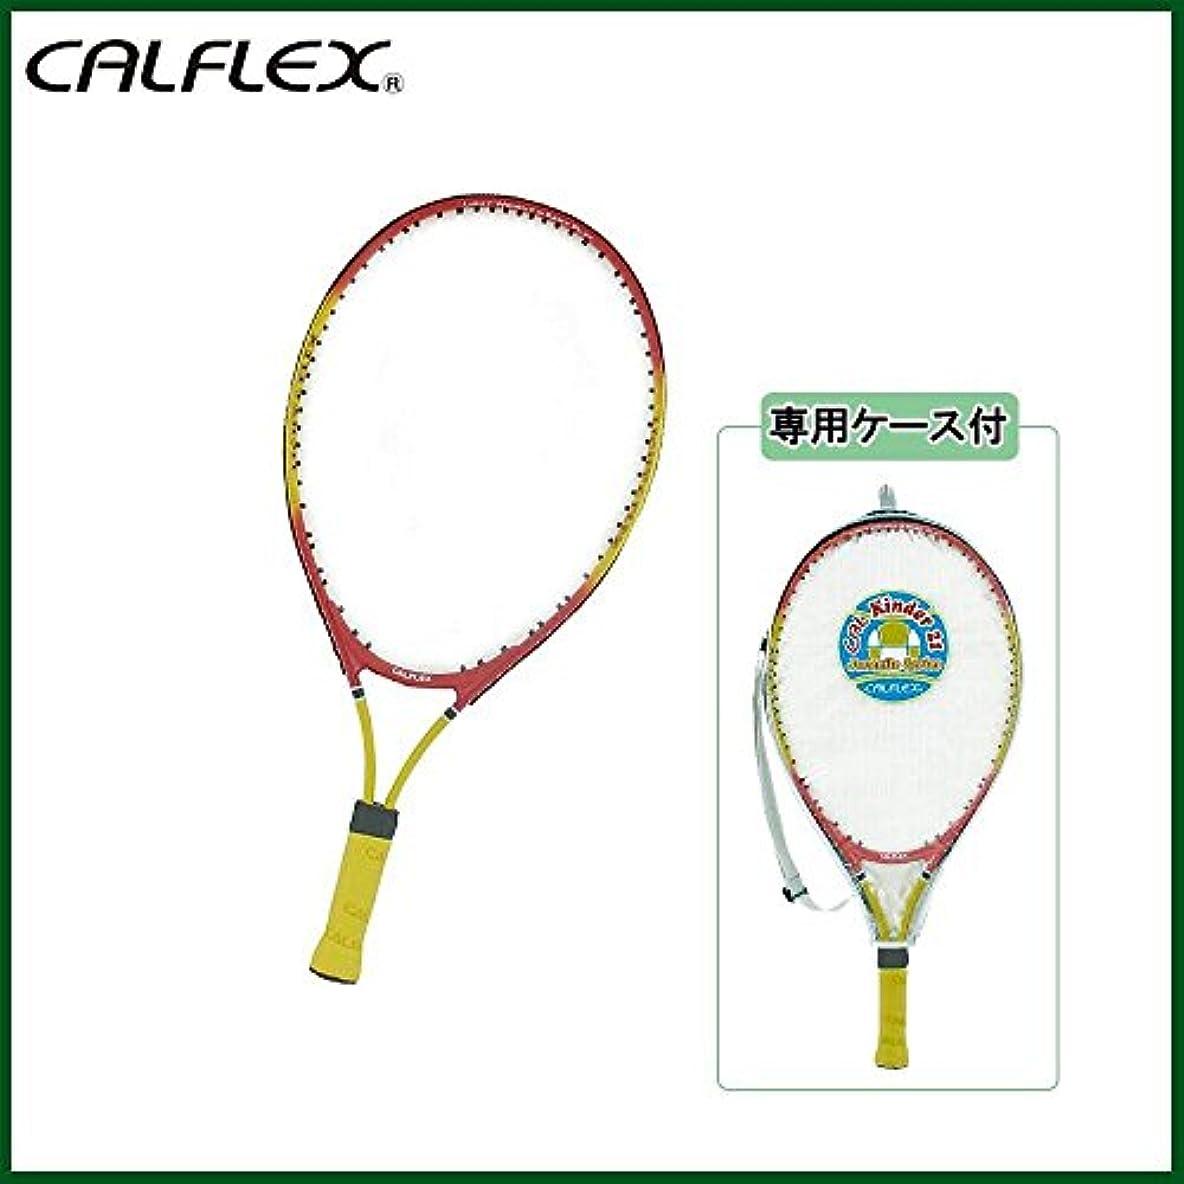 投票ある誇張するCALFLEX カルフレックス 硬式 キッズ用 テニスラケット 専用ケース付 レッド×イエロー CAL-21-III